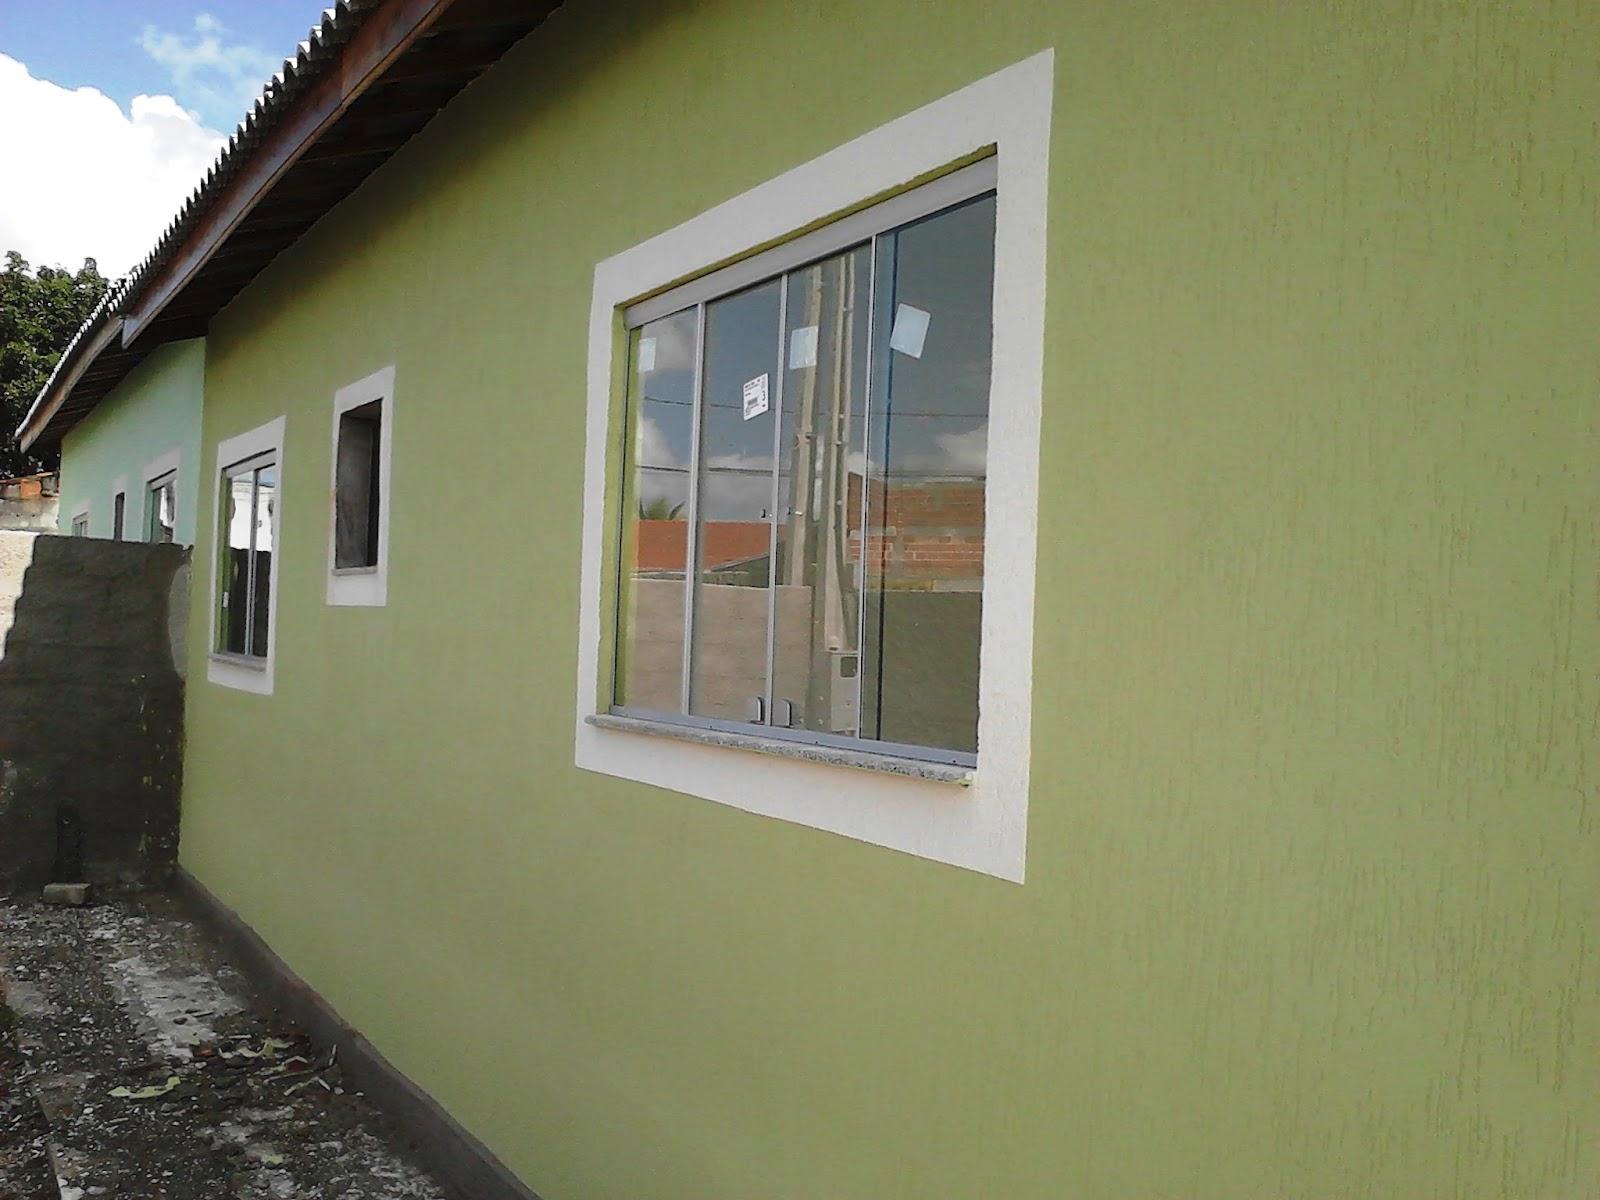 Casa geminada com 62 m² de área construída; #2B5EA0 1600x1200 Acabamento Janela Banheiro